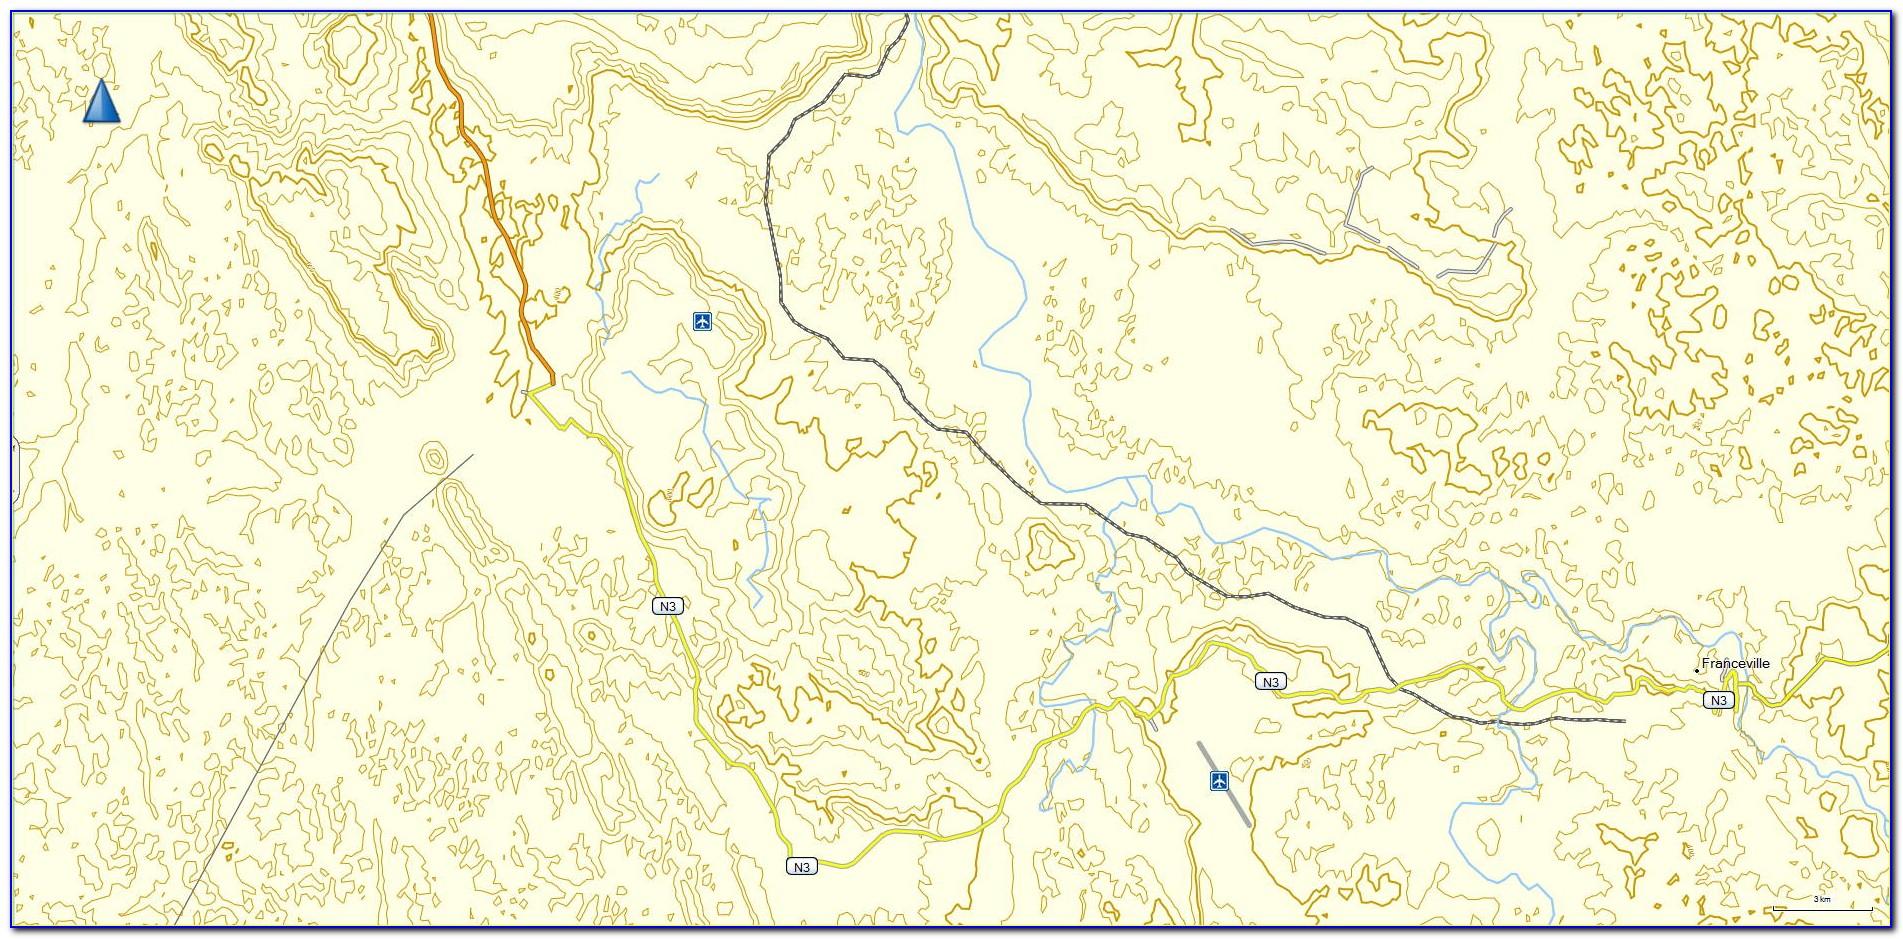 Garmin Etrex 20 Maps